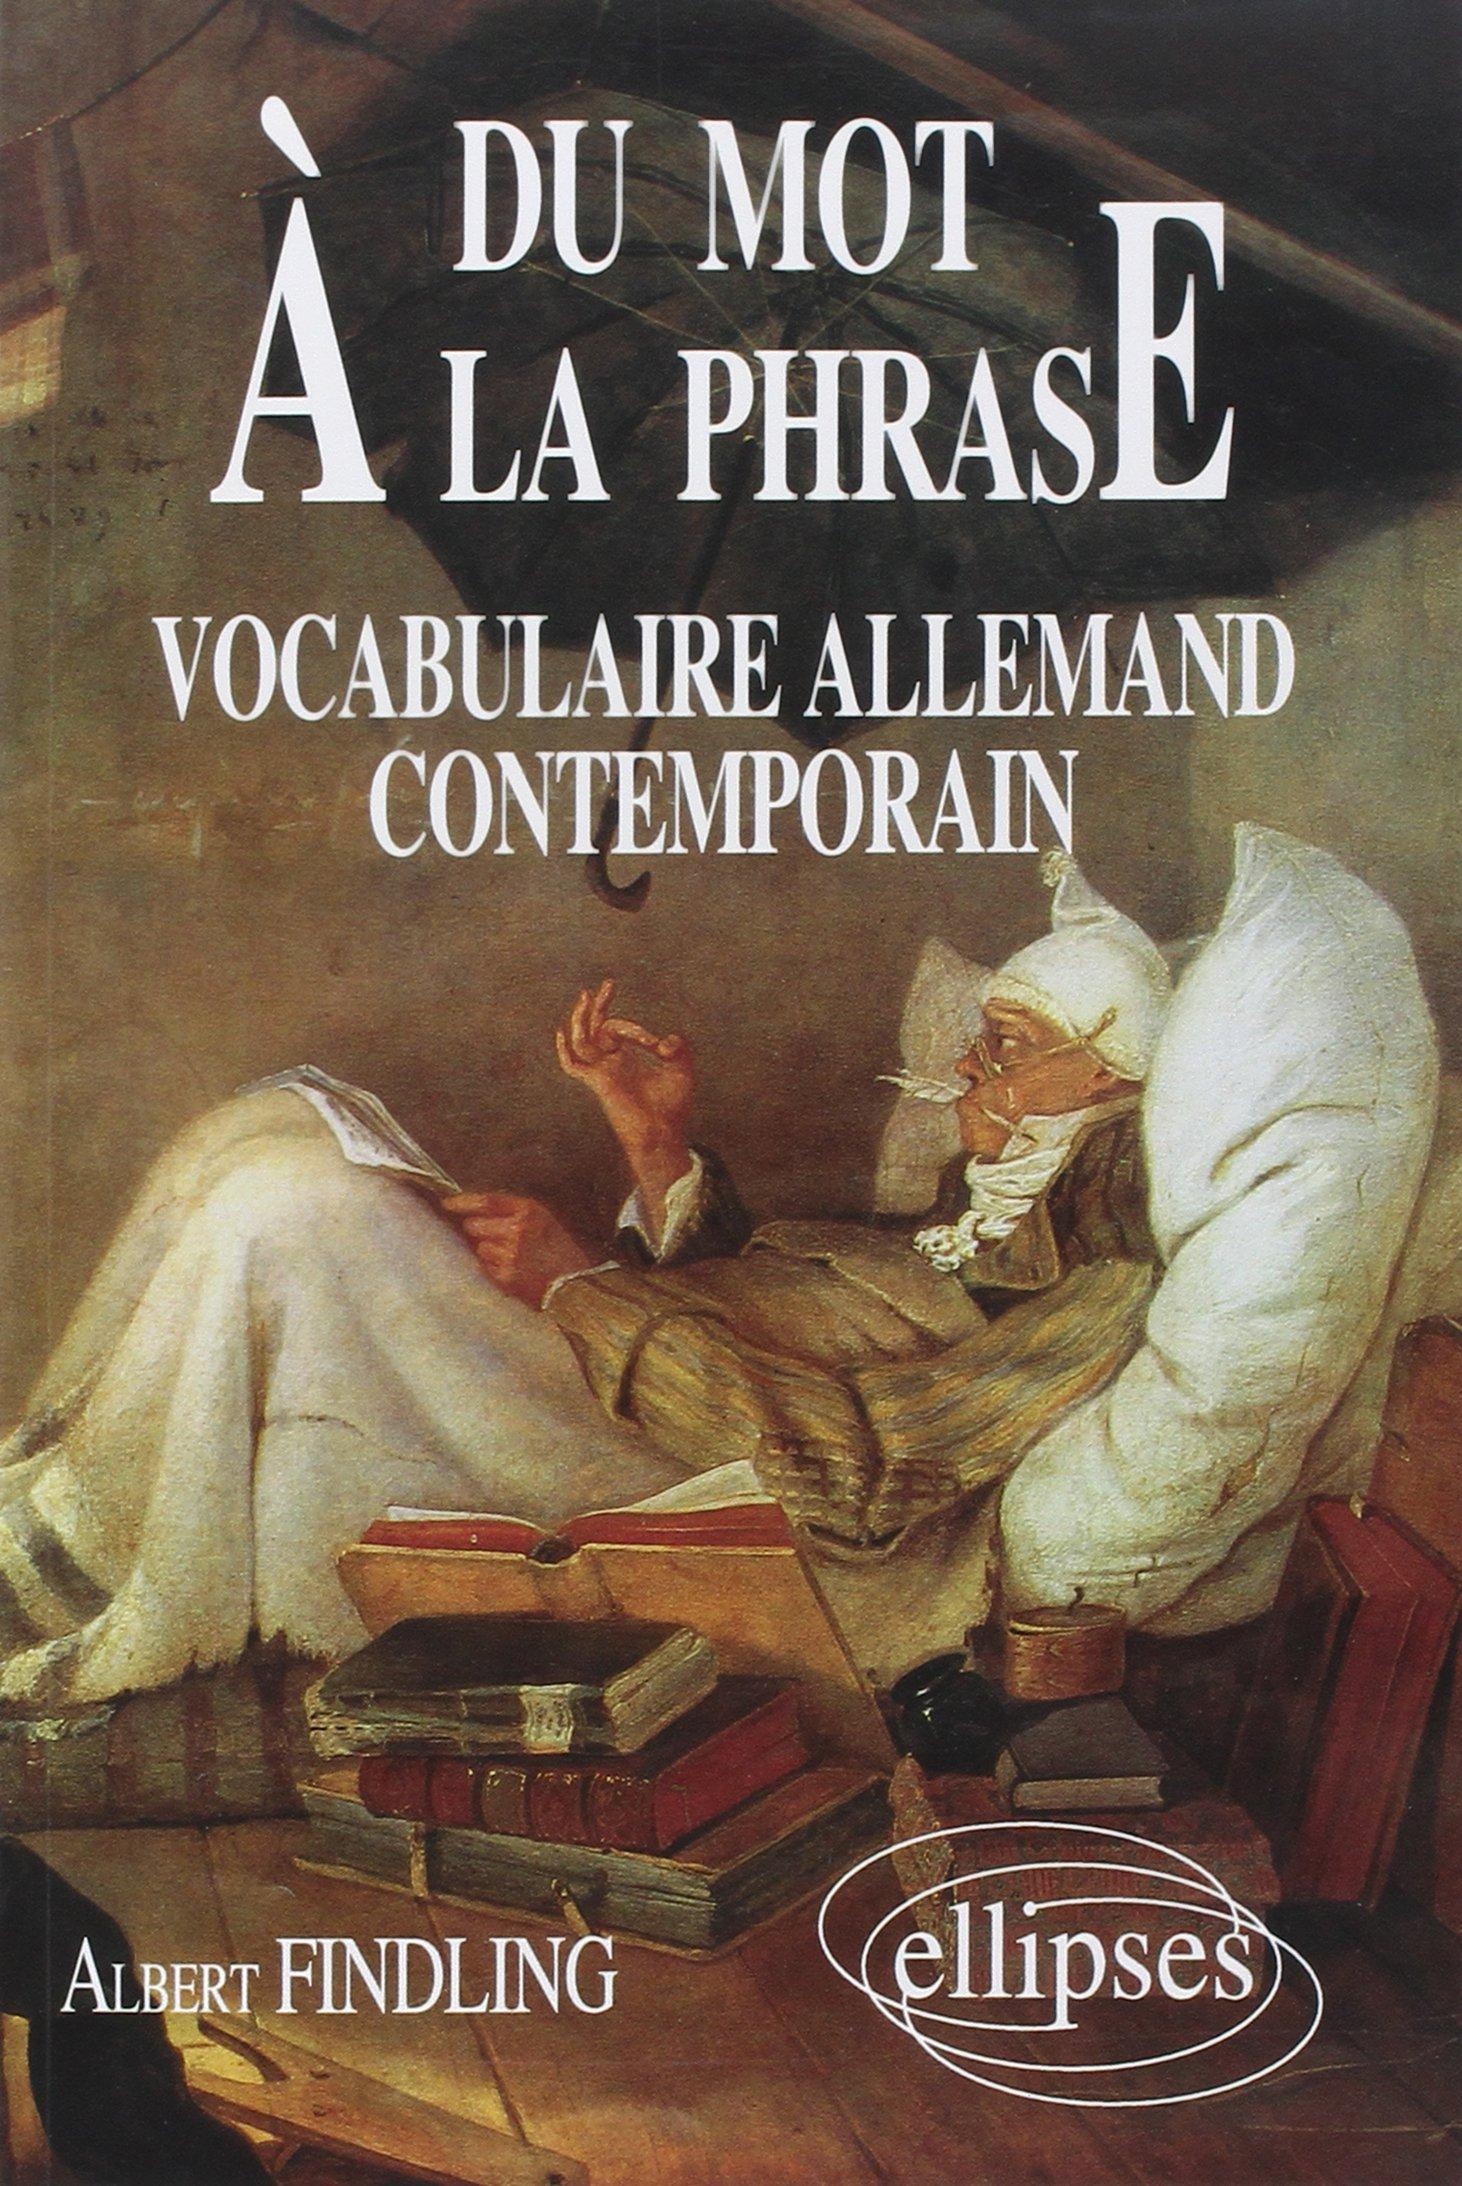 Du mot à la phrase: Vocabulaire allemand contemporain